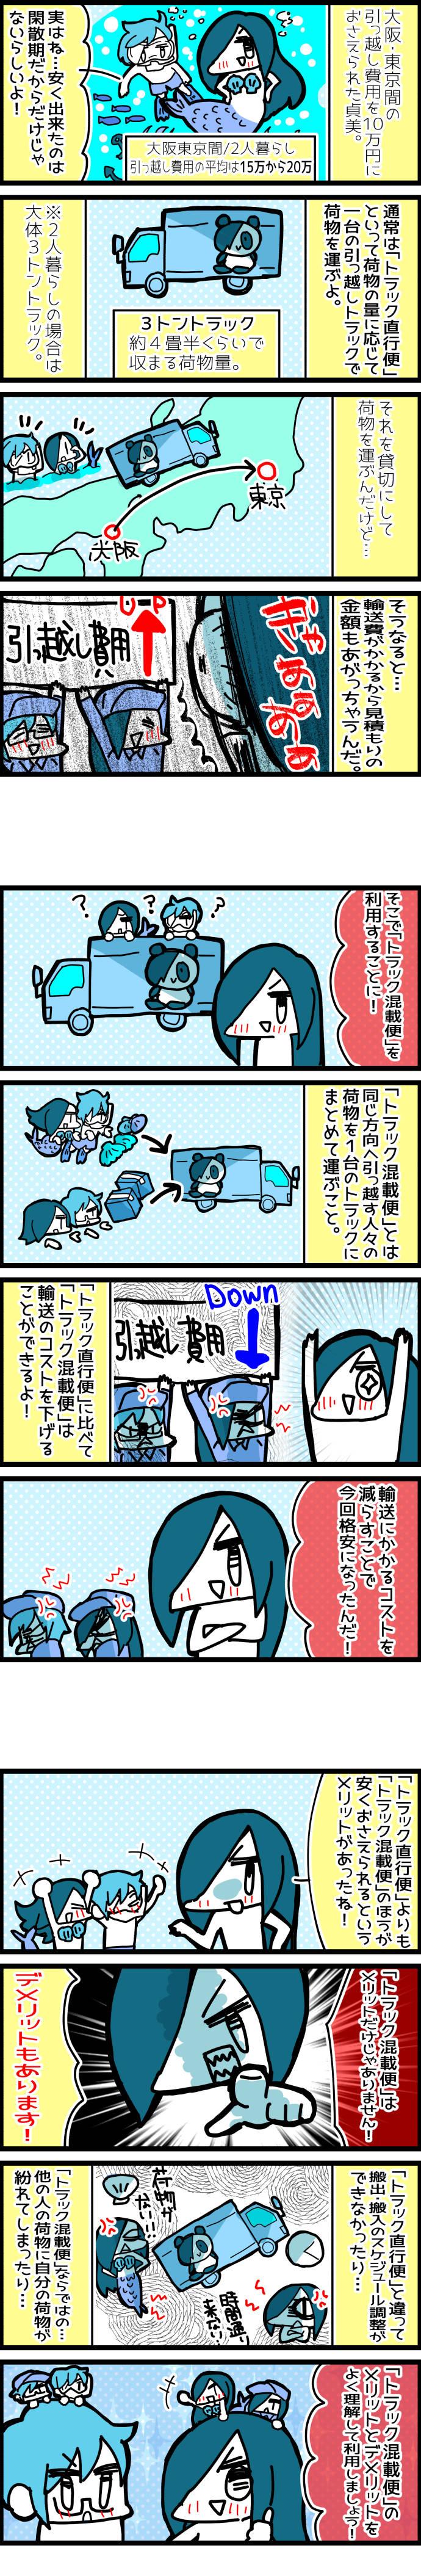 neetsadami.com_17話